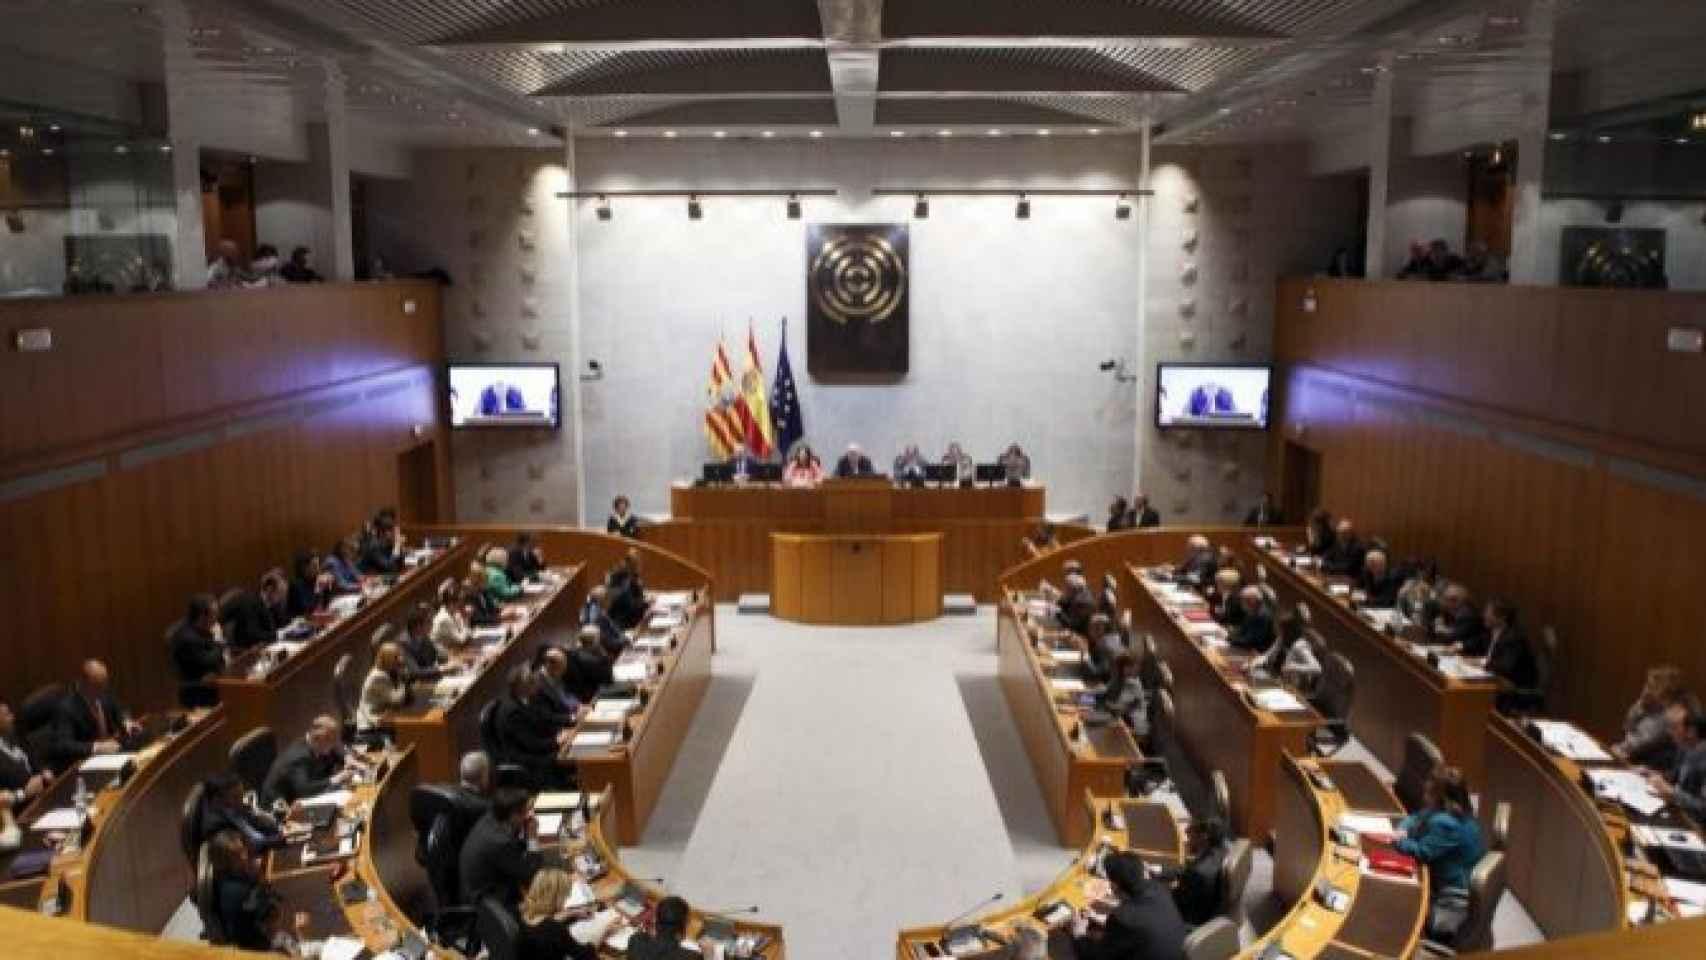 Cámara del parlamento aragonés